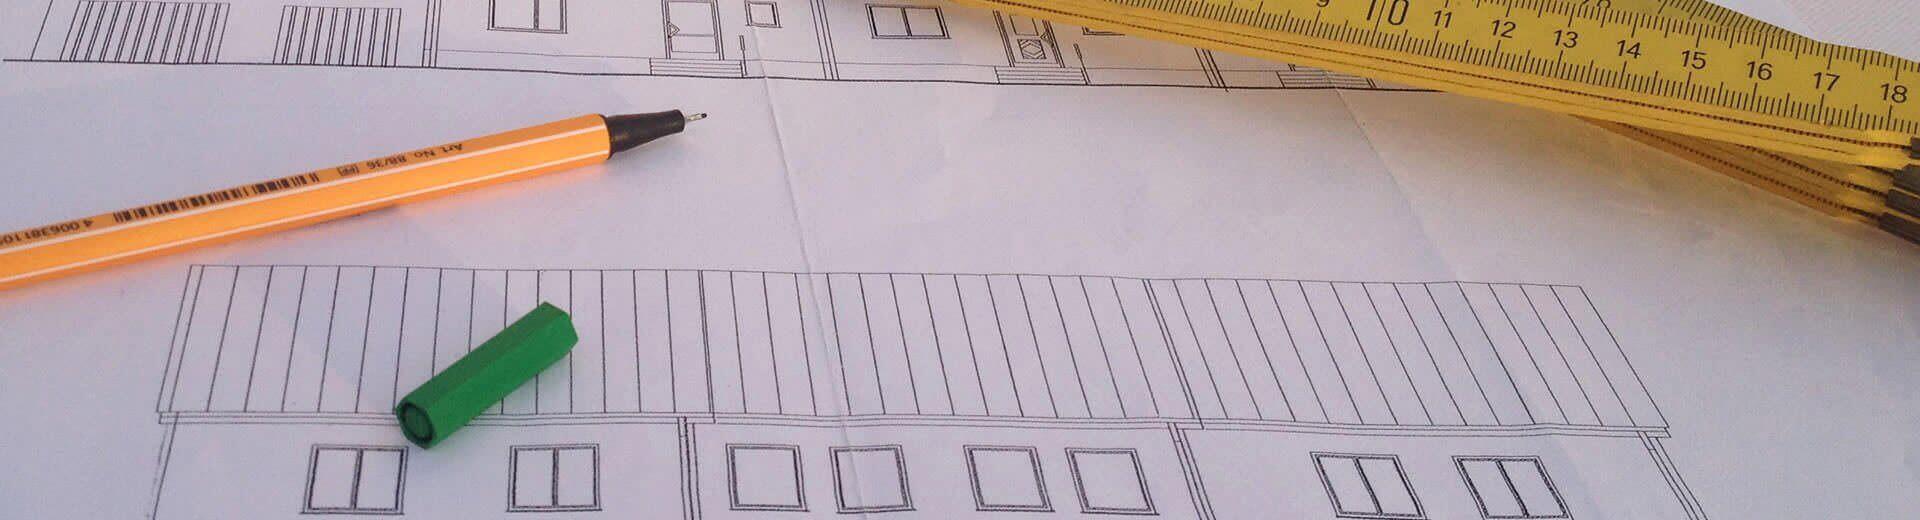 Bauzeichnungen | Sachverständigenbüro I-O-K, Oliver Klar